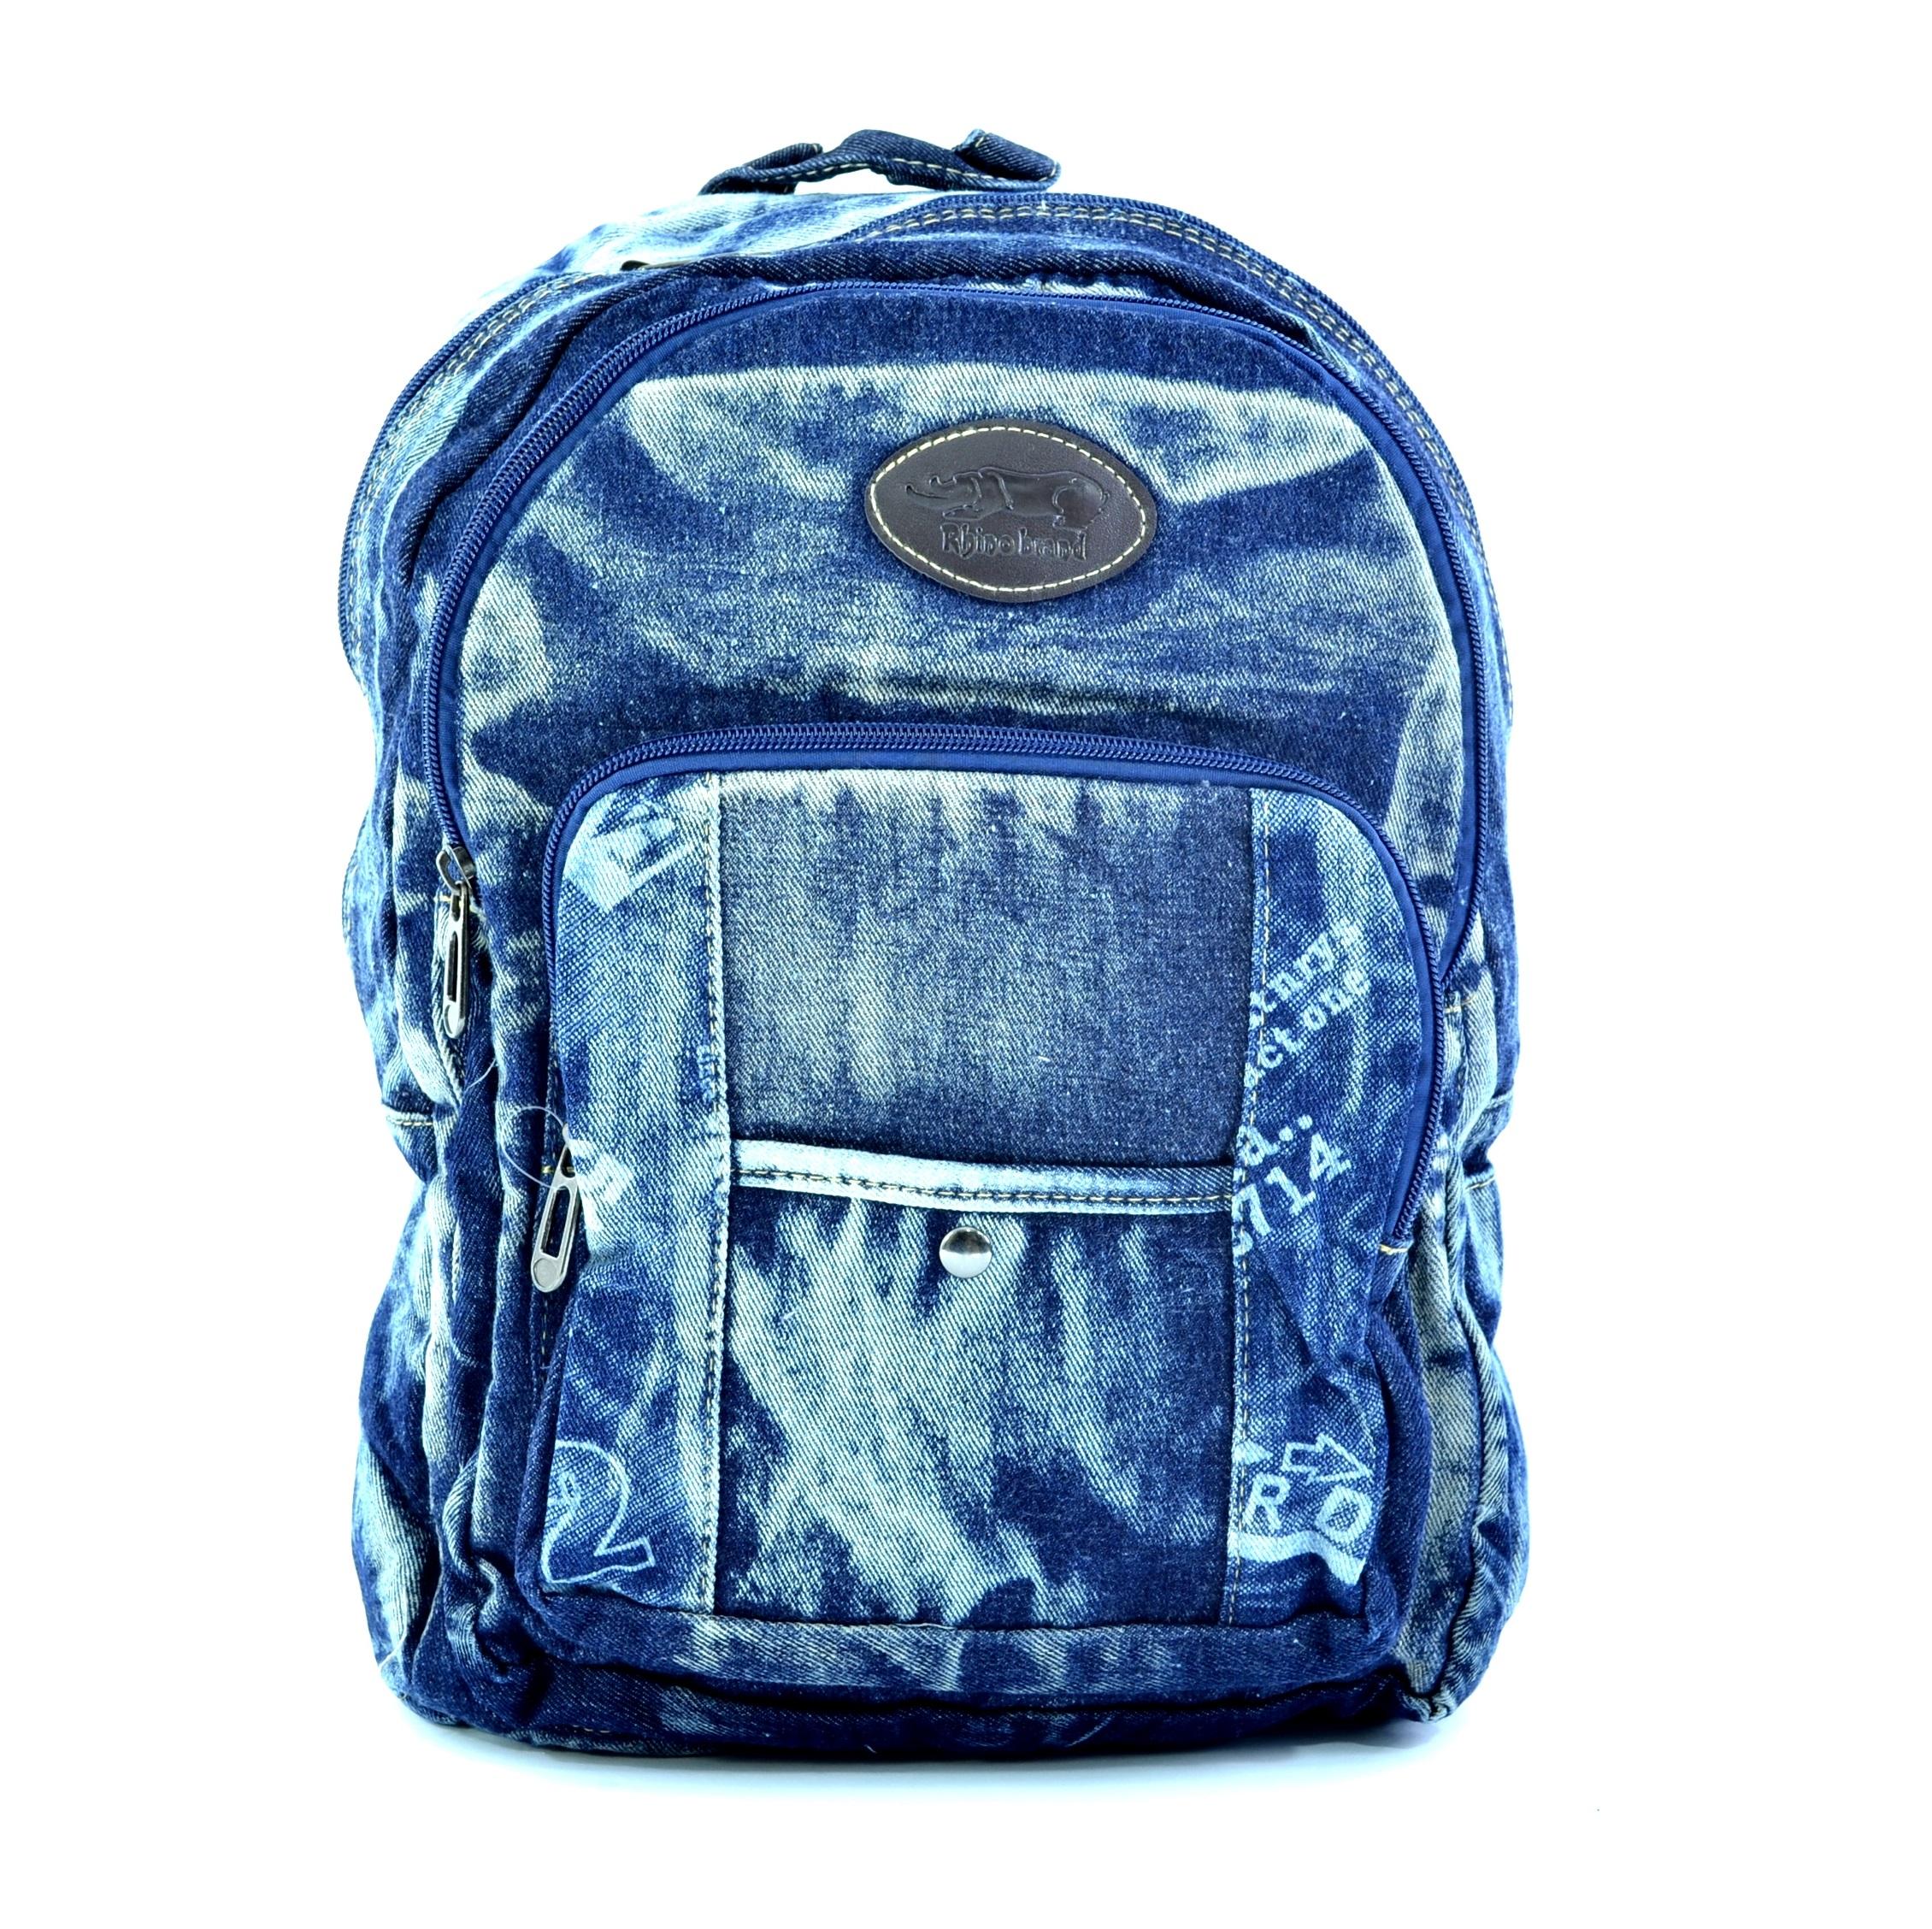 Лека дънкова раница 025 BLUE GIRL. Дамска раница за училище, спорт и туризъм